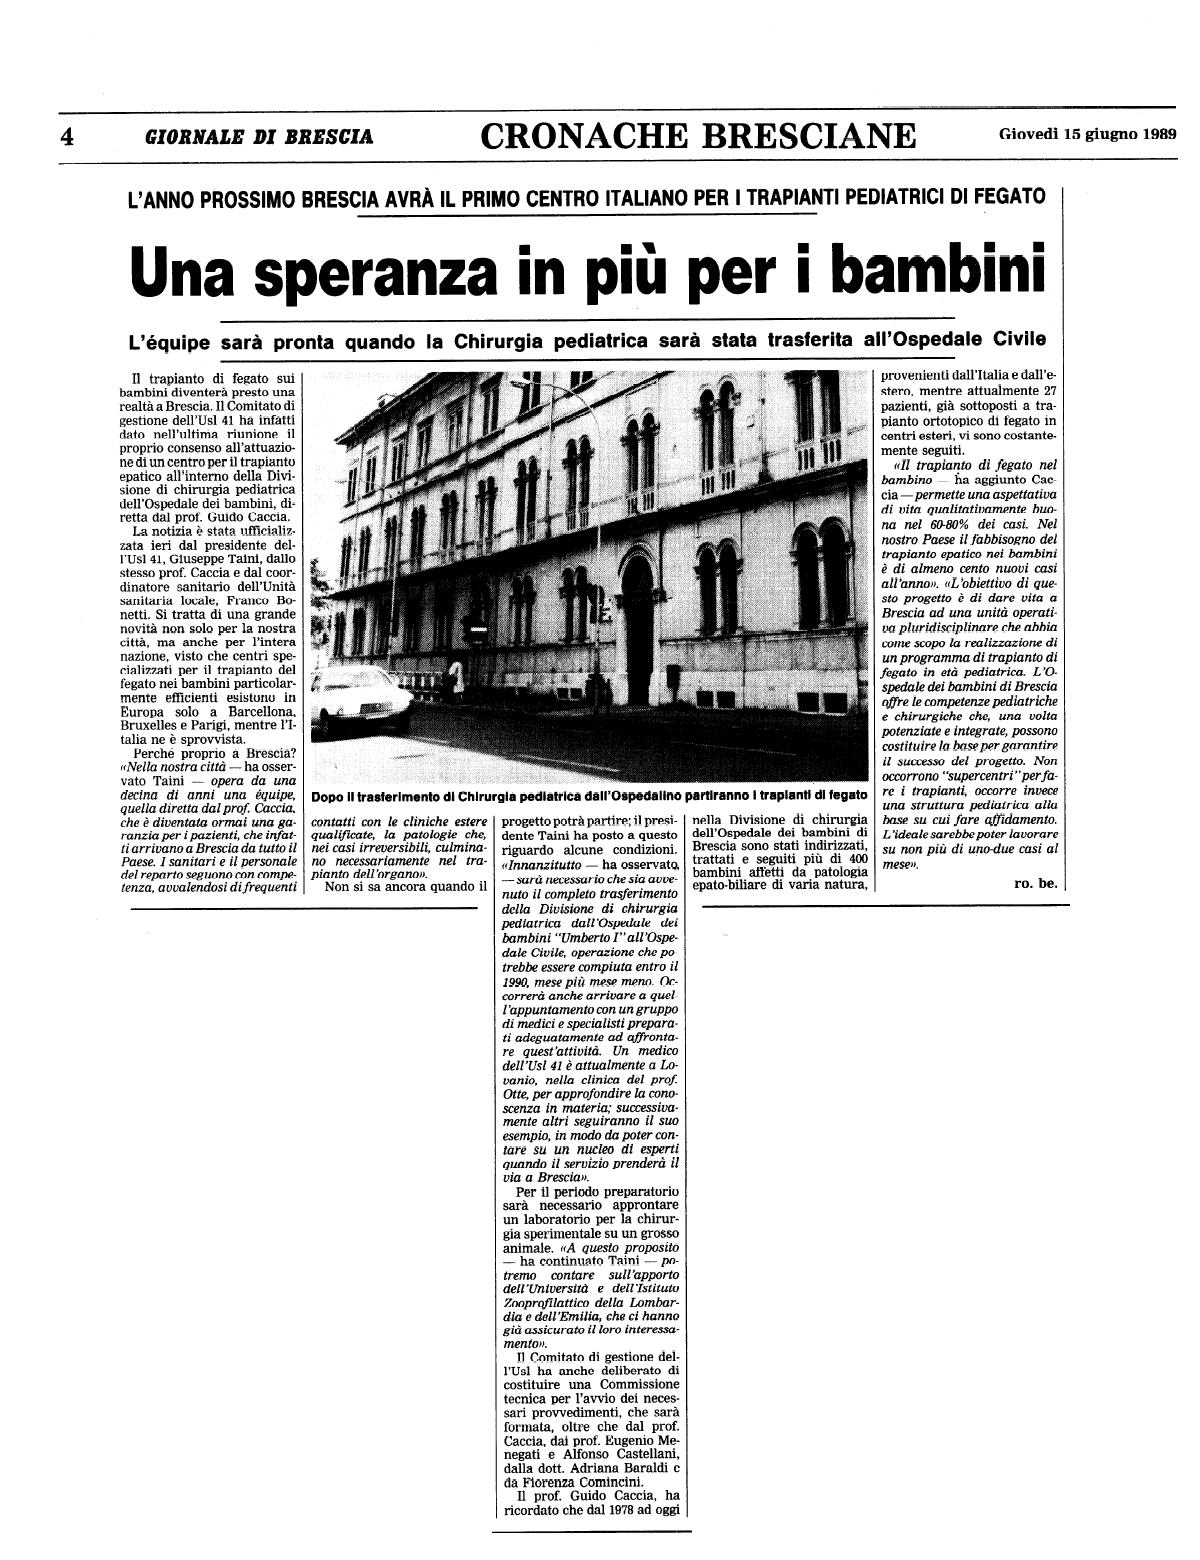 1989 06 15 Centro Trapianti Pediatrico